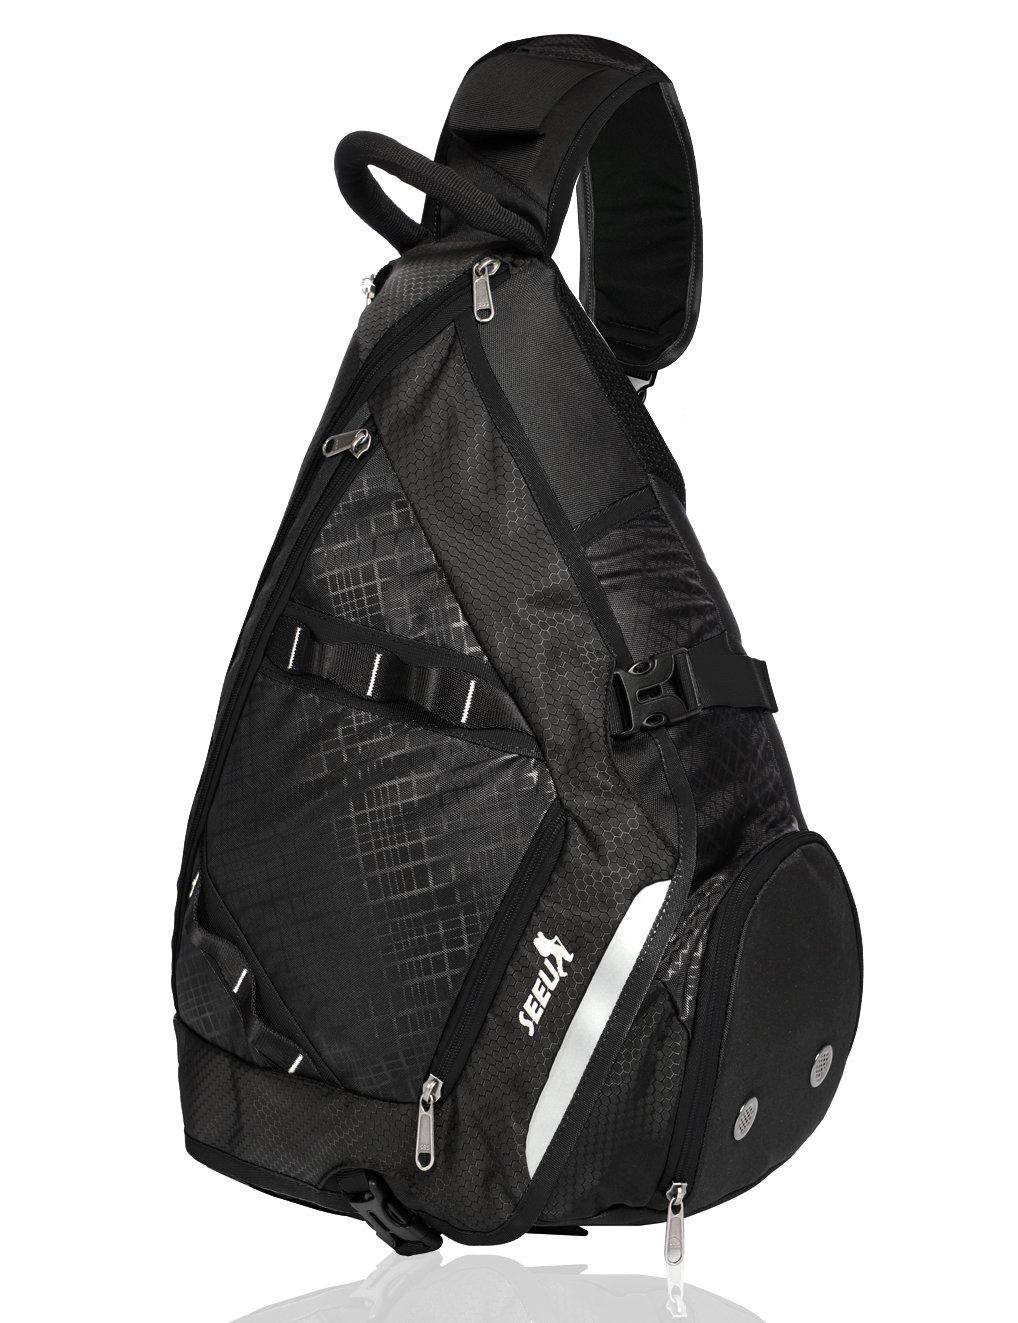 SEEU 32L Oversized Sling Bag Backpack, Crossbody Bag Gym Backpack Outdoor Hiking Travel Bag for Men Women Kids